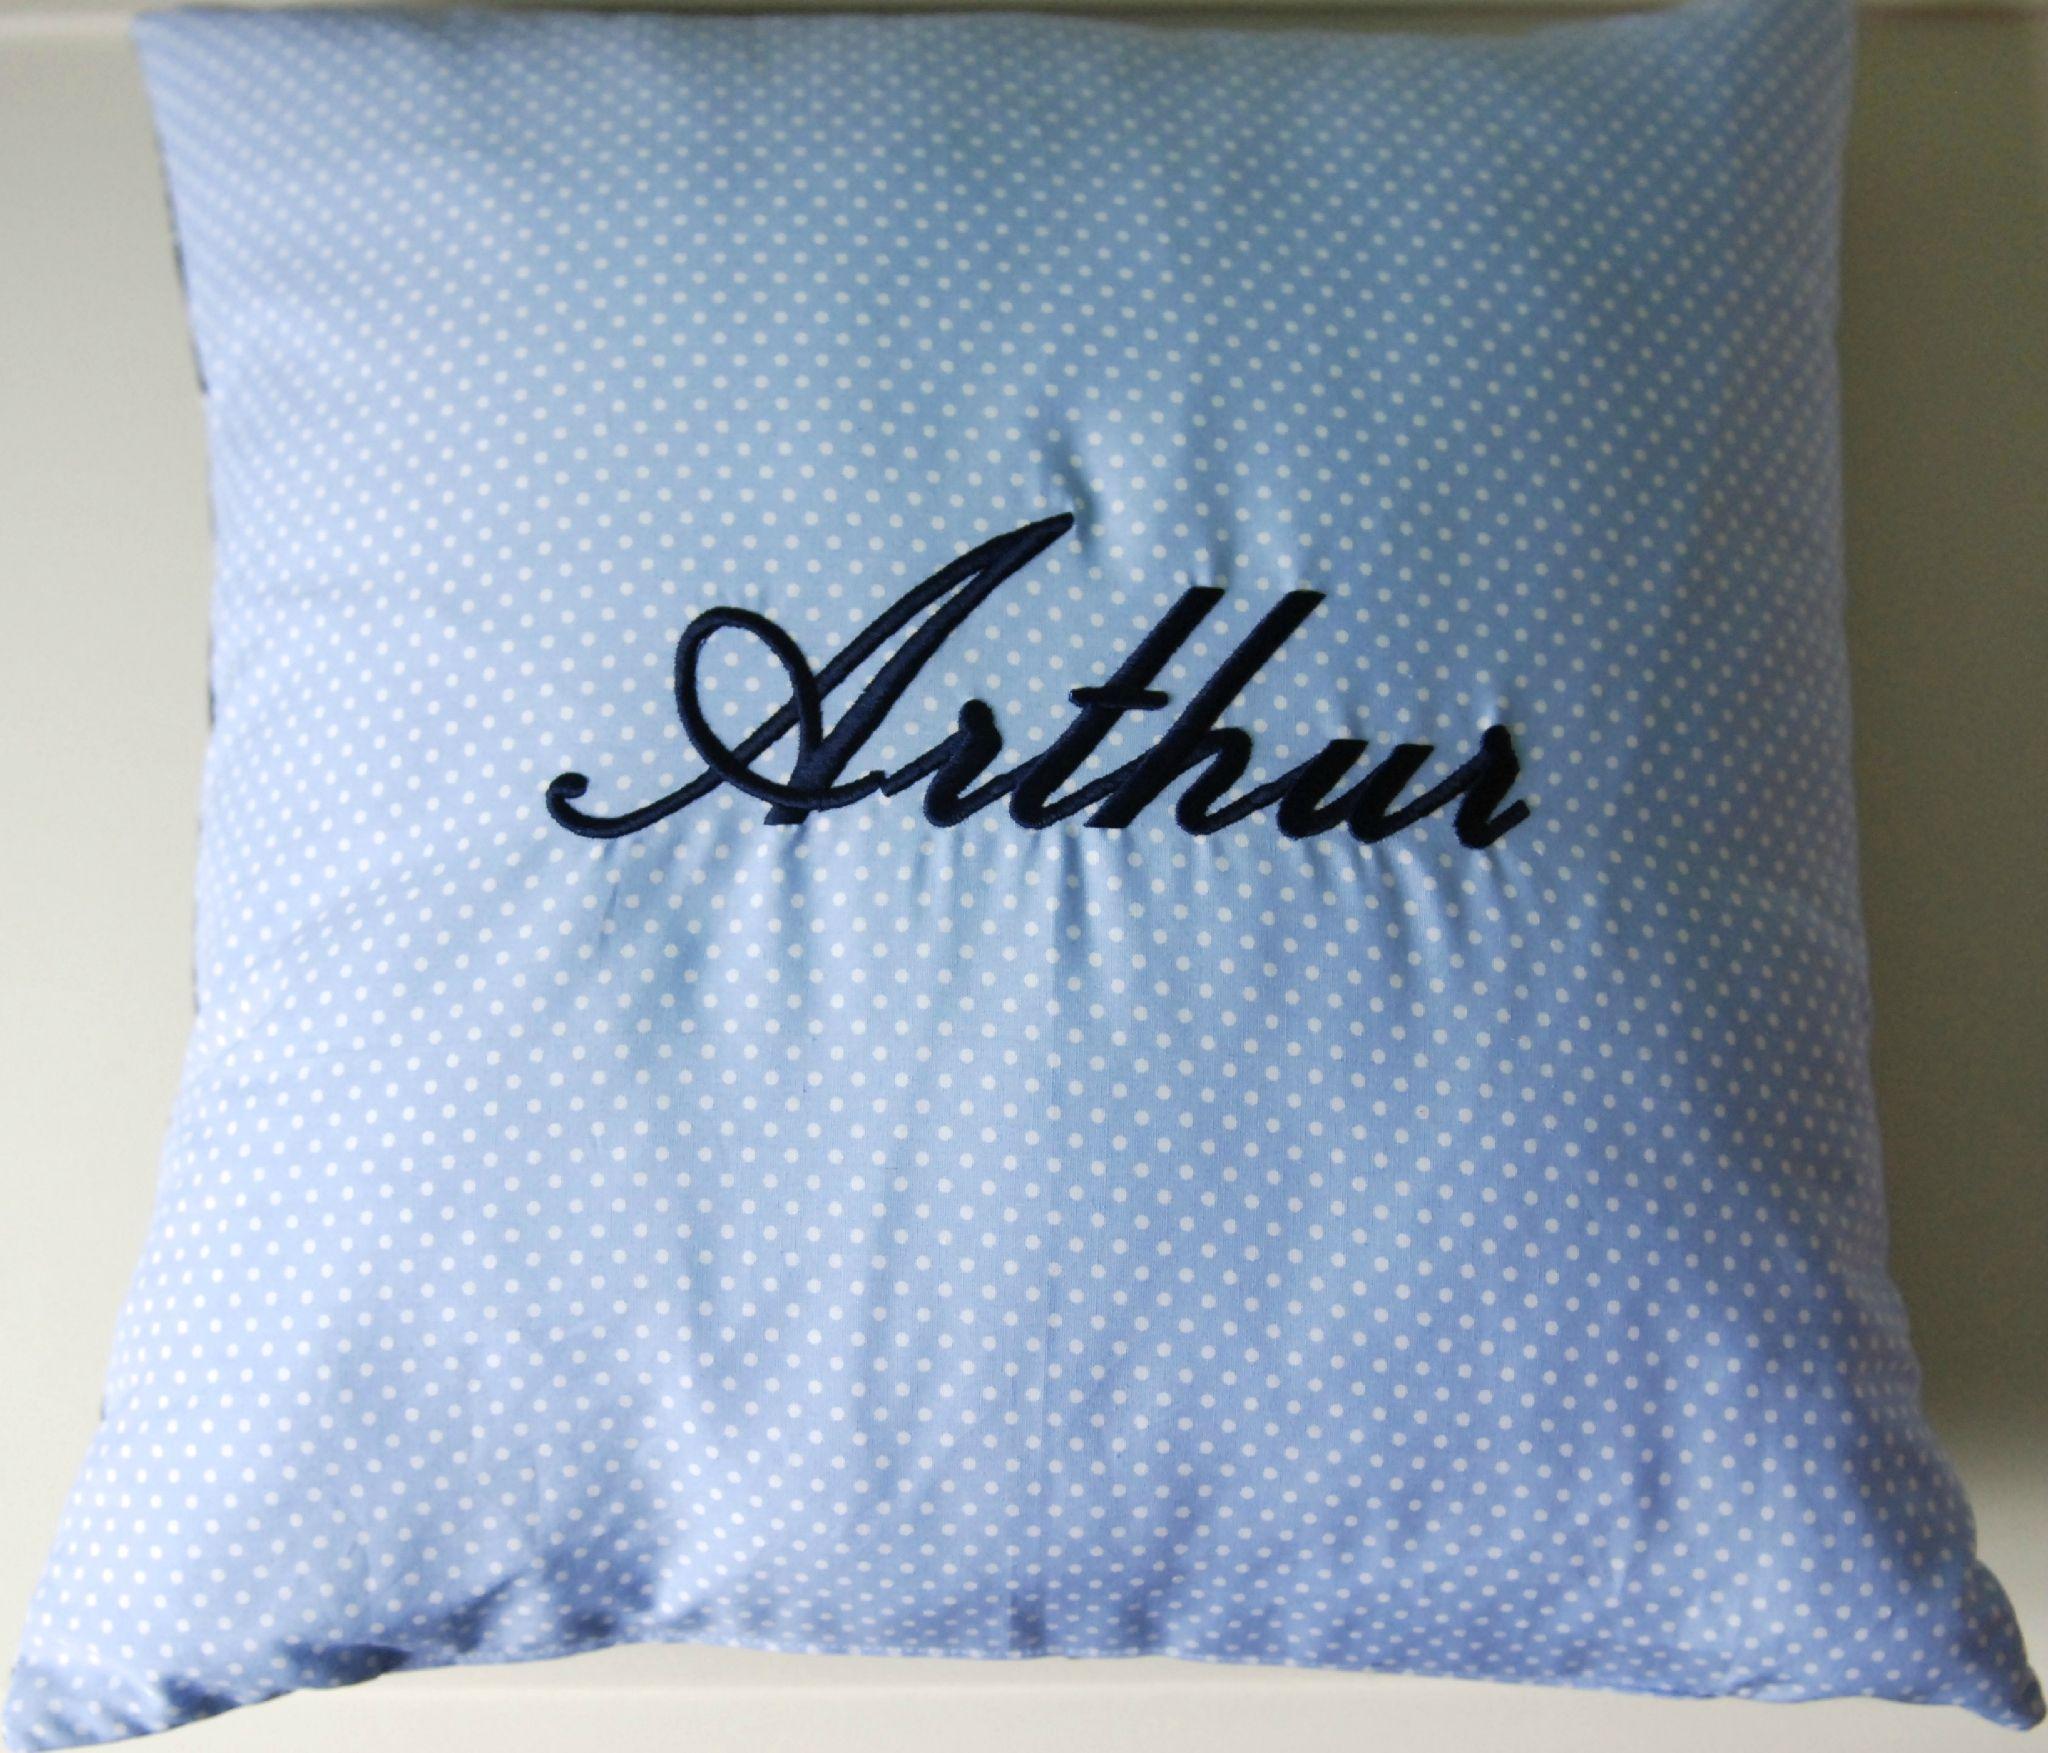 coussin arthur coussins id e cadeau fait main cadeaux. Black Bedroom Furniture Sets. Home Design Ideas